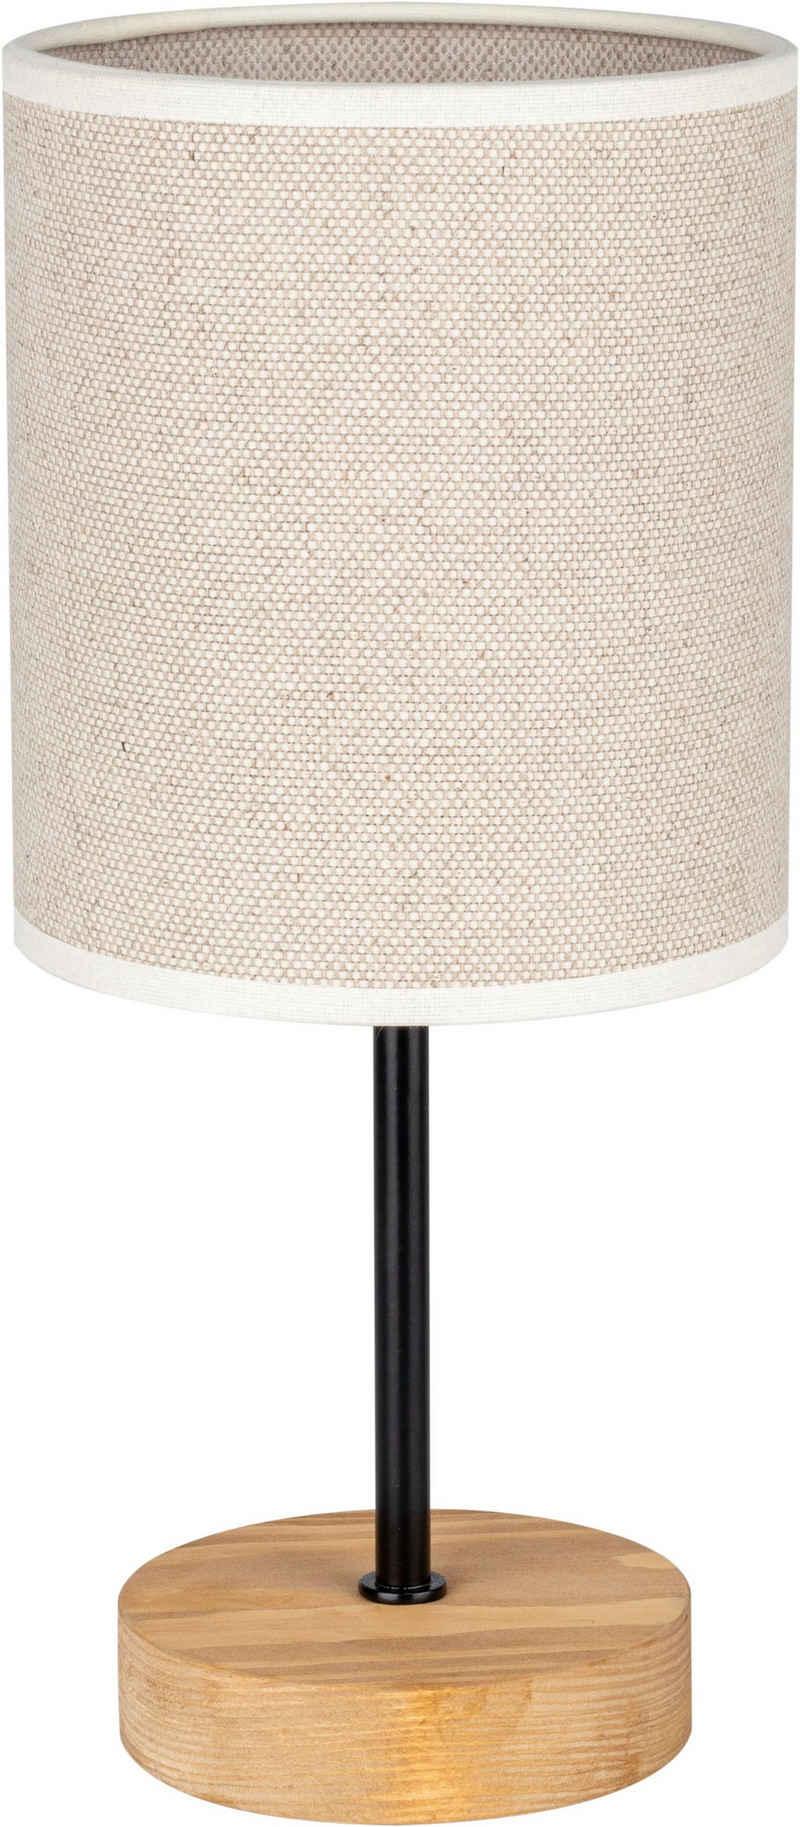 OTTO products Tischleuchte »Emmo«, Tischlampe mit hochwertigem Textilschirm, Leuchtenfuß aus Holz und Metall, Naturprodukt, Nachhaltig mit FSC®-Zertifikat, Made in Europe